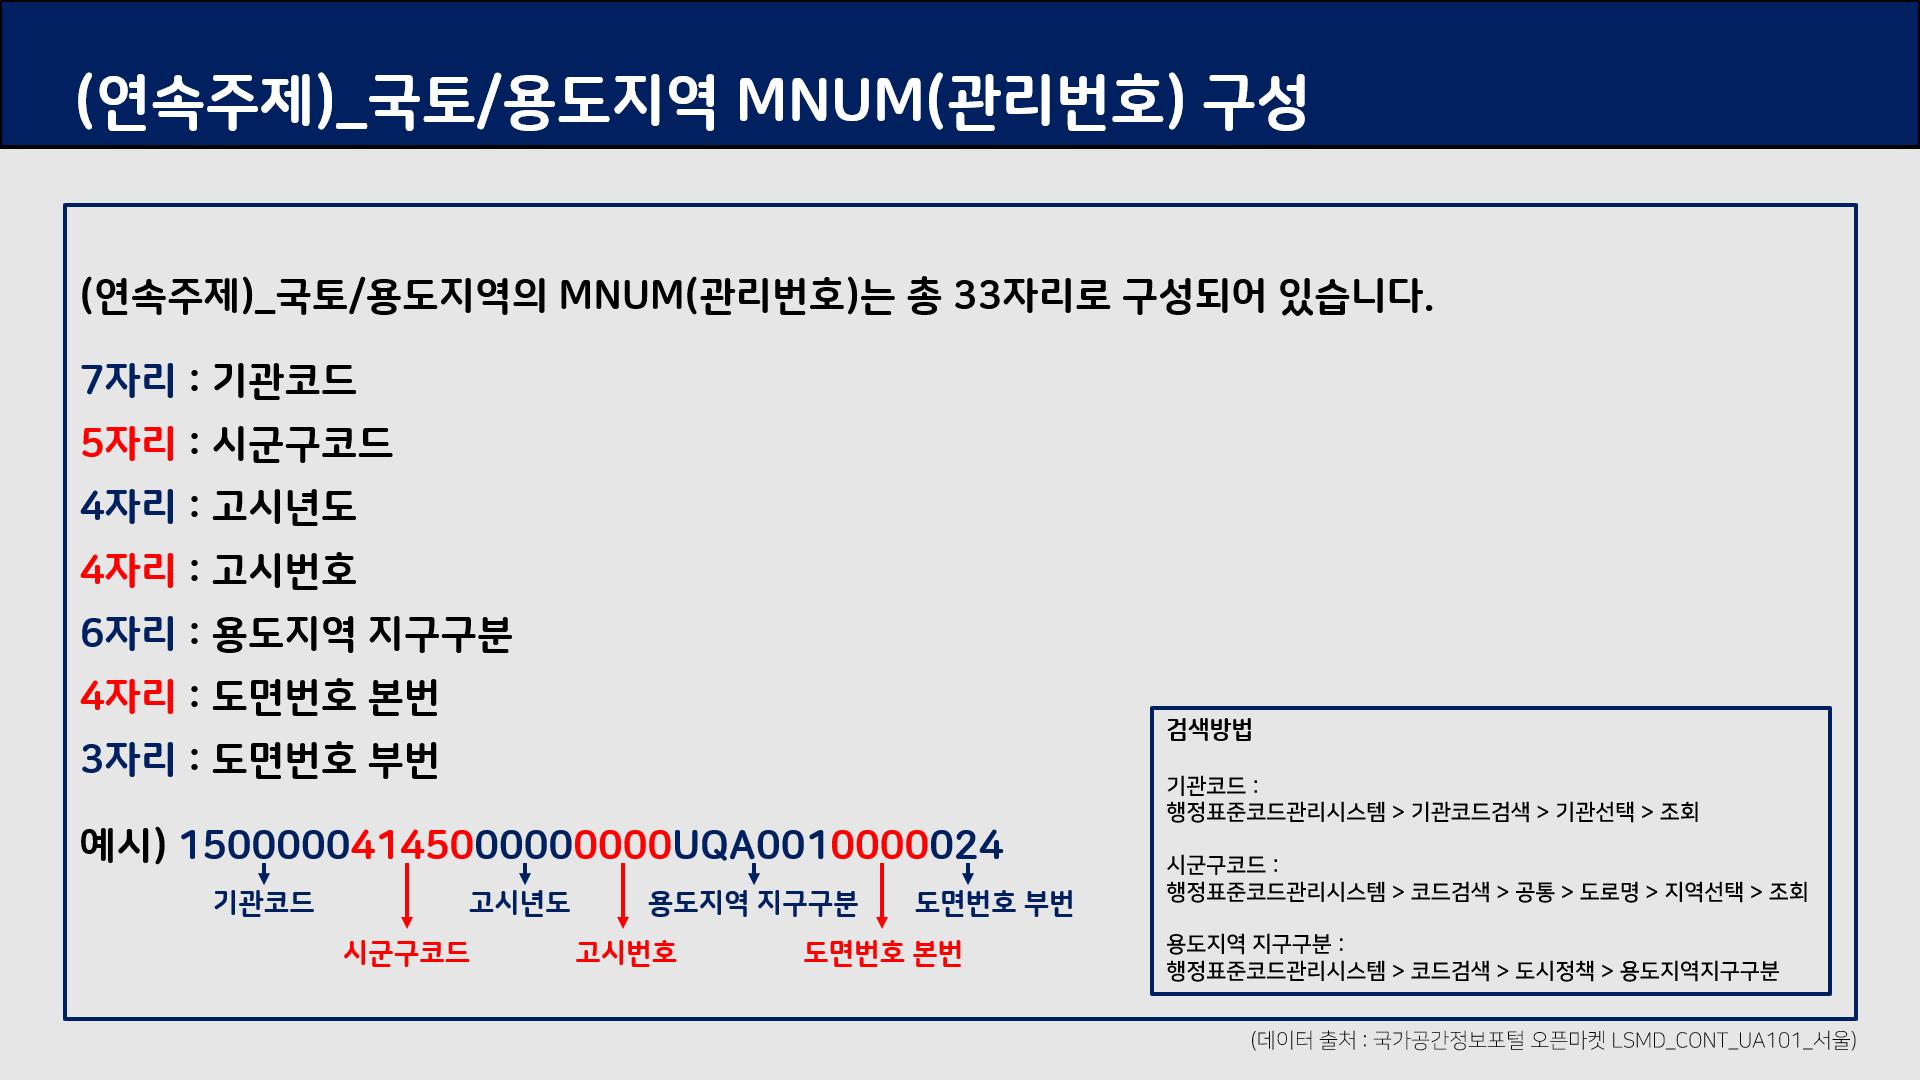 국토/용도지역의 MNUM(관리번호) 구성